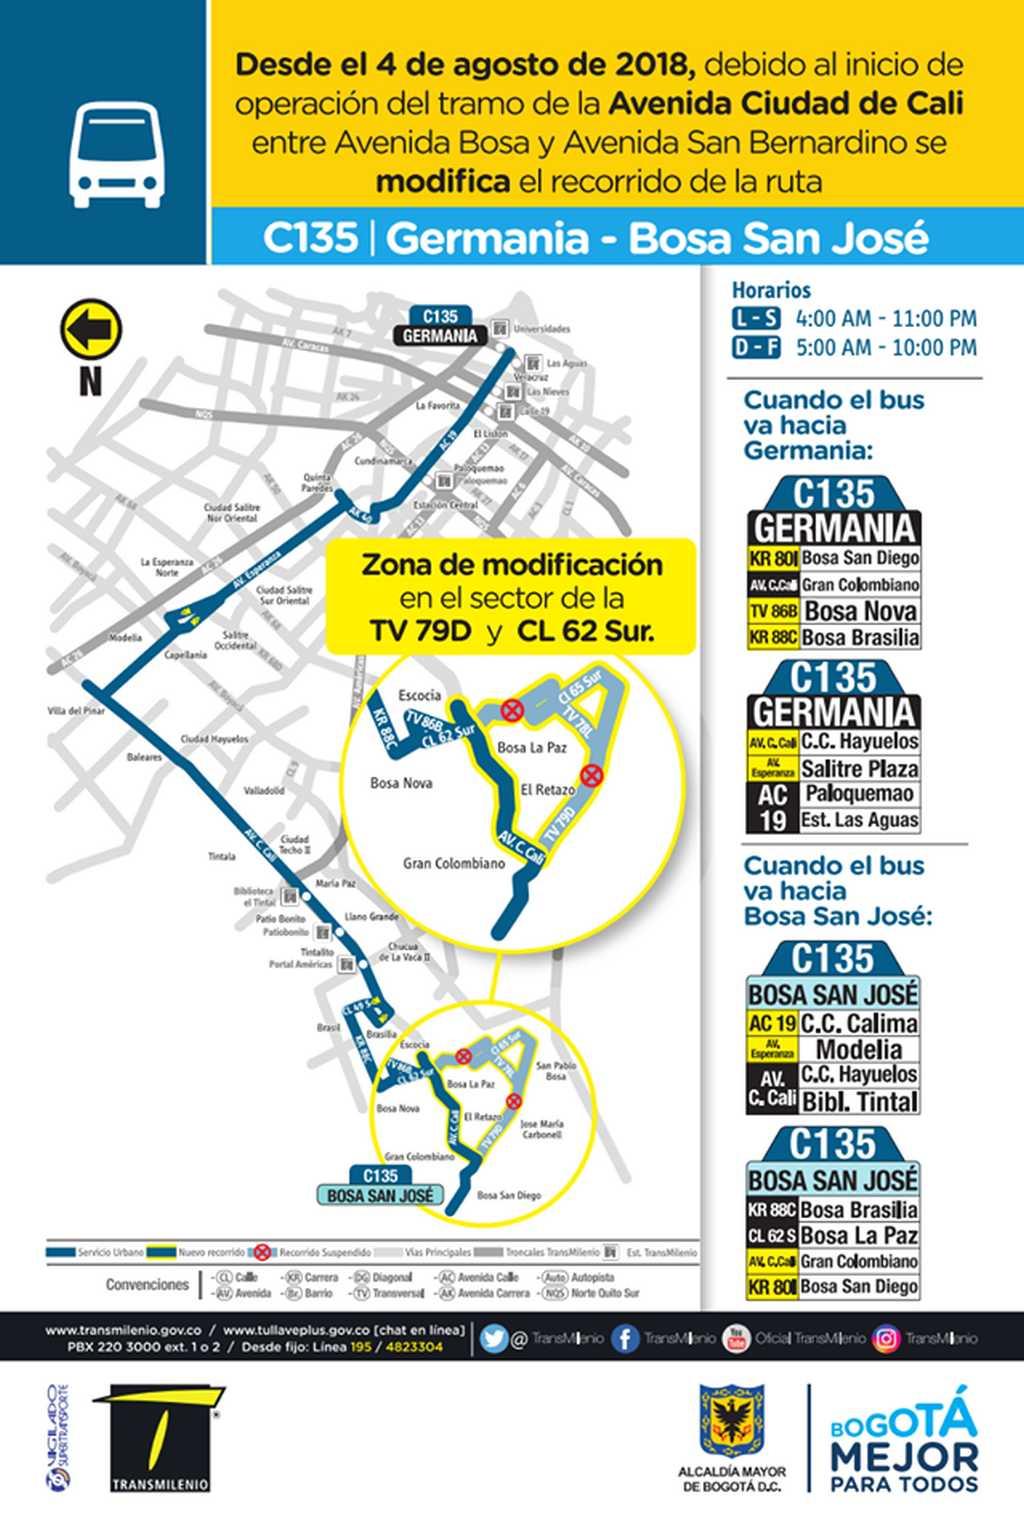 Mapa ruta urbana C135 desde el 4 de agosto